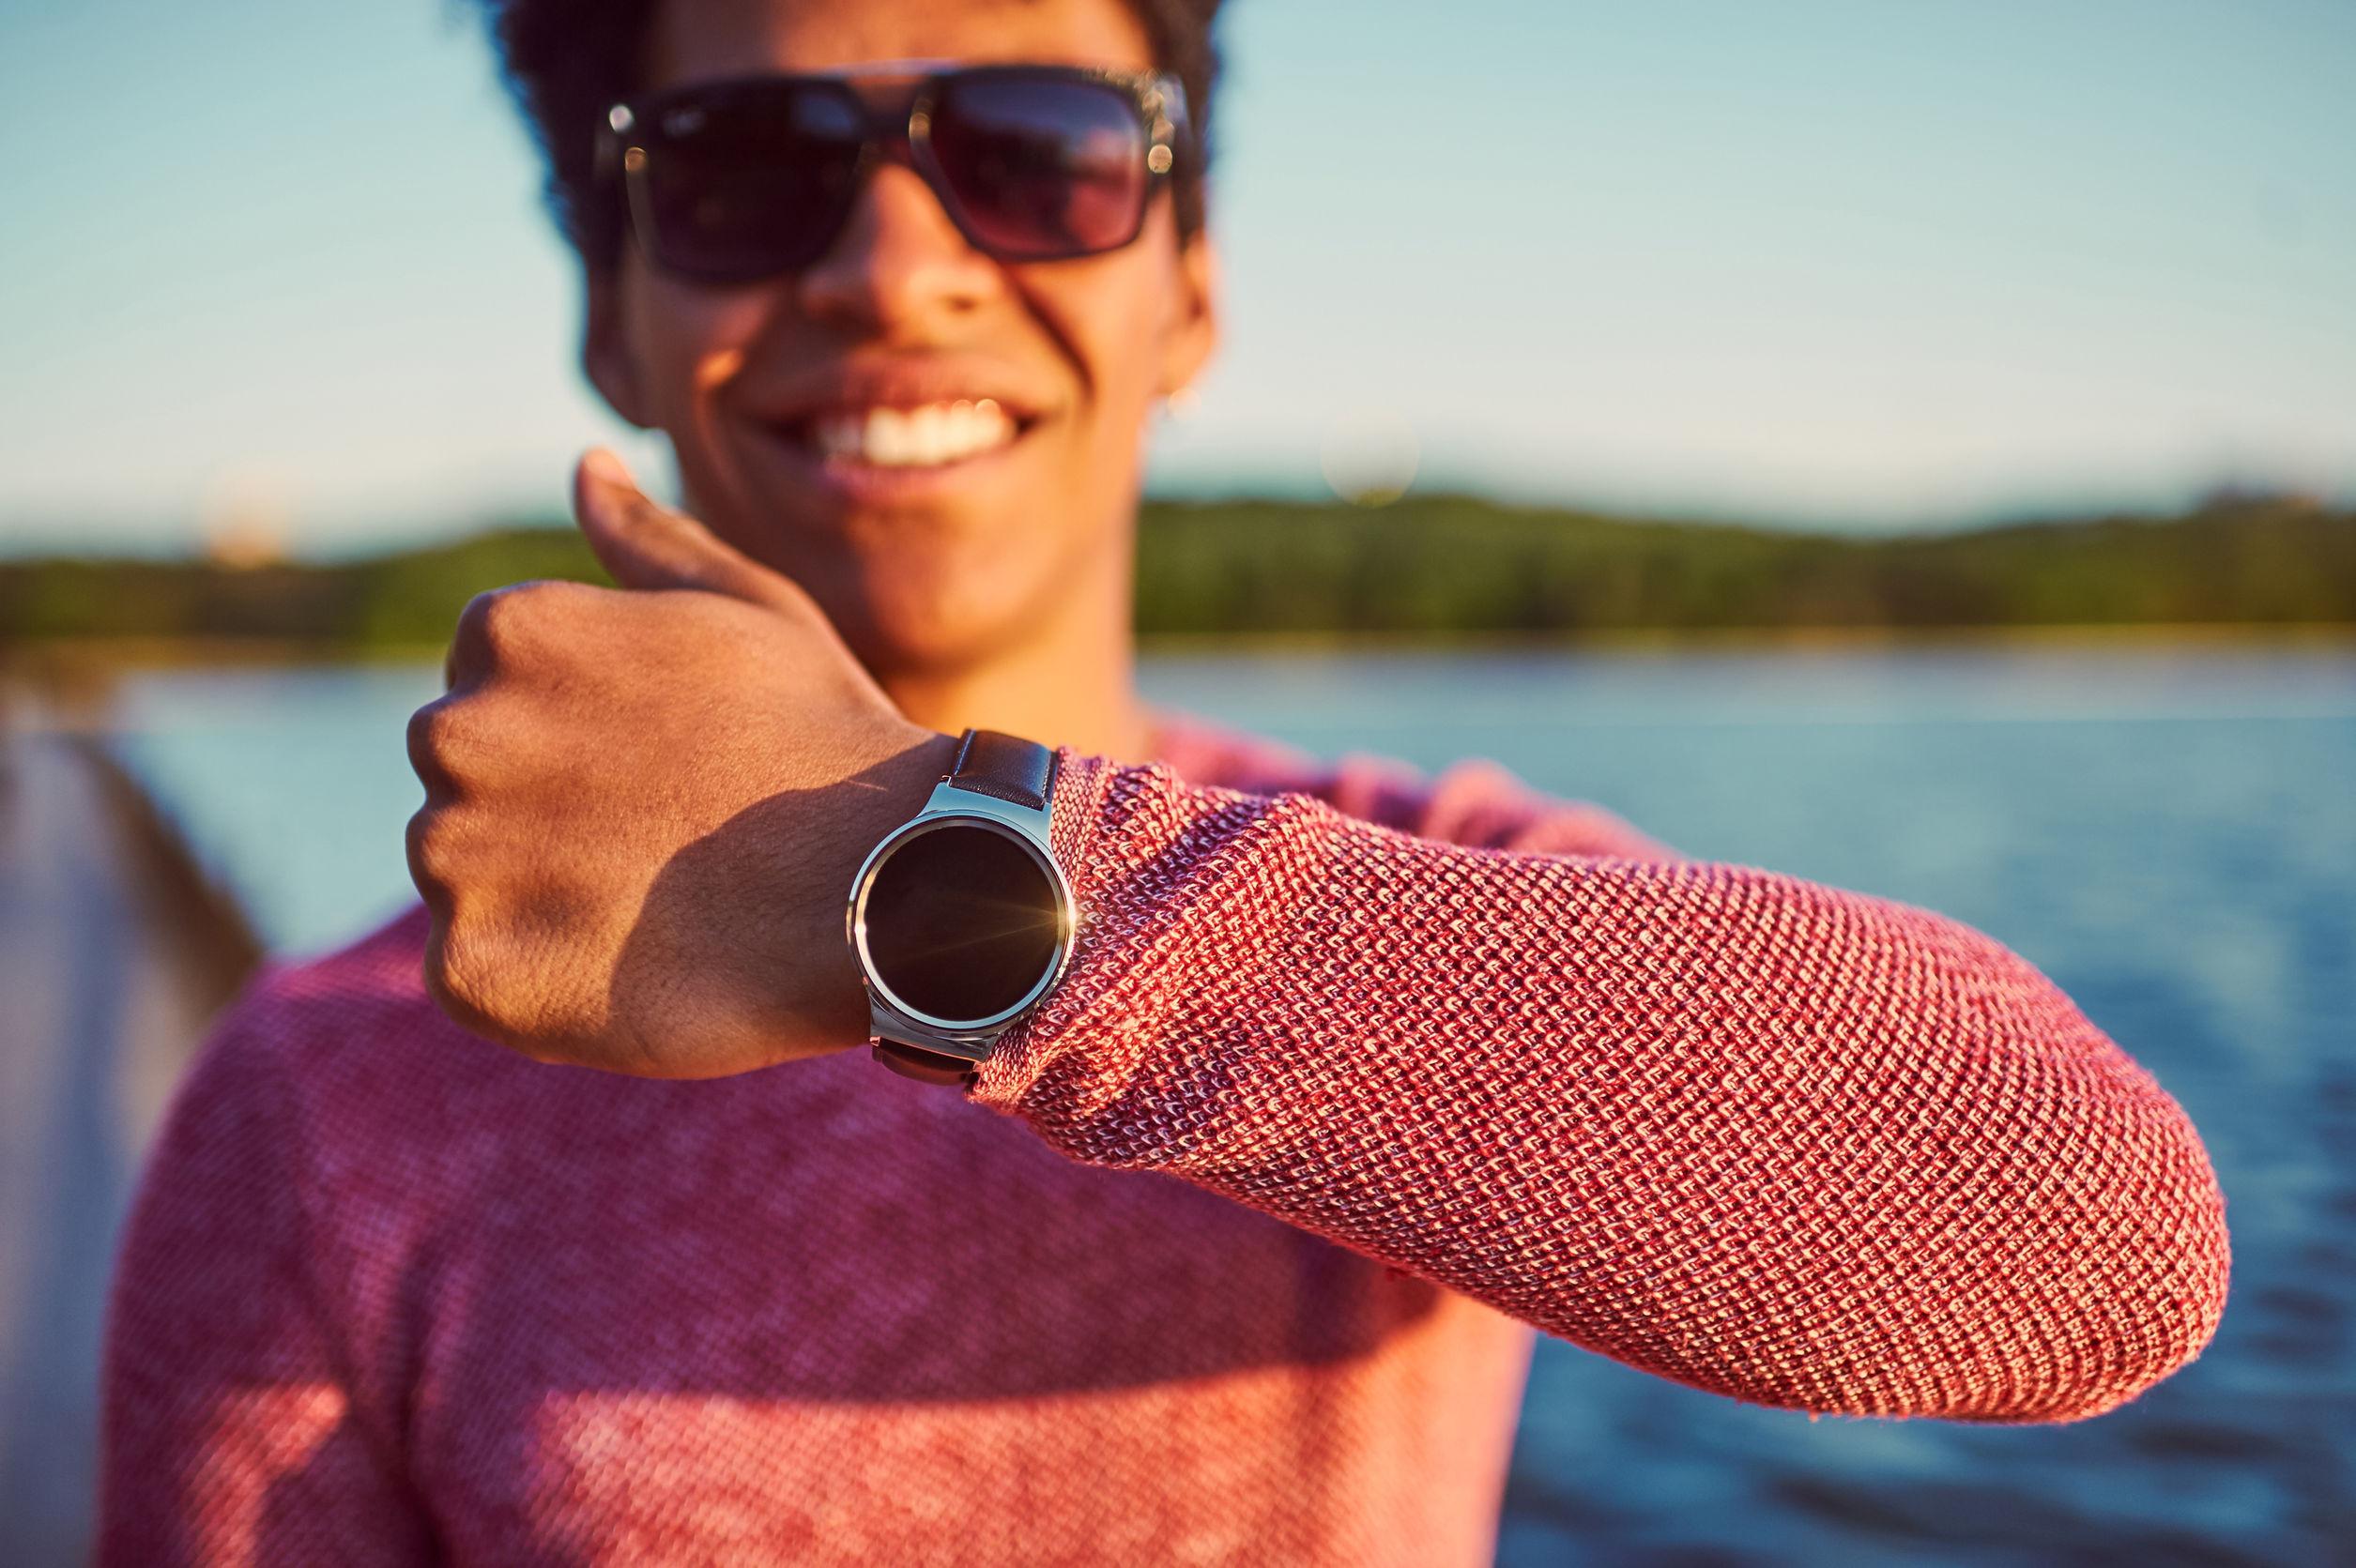 chico feliz con reloj xiaomi